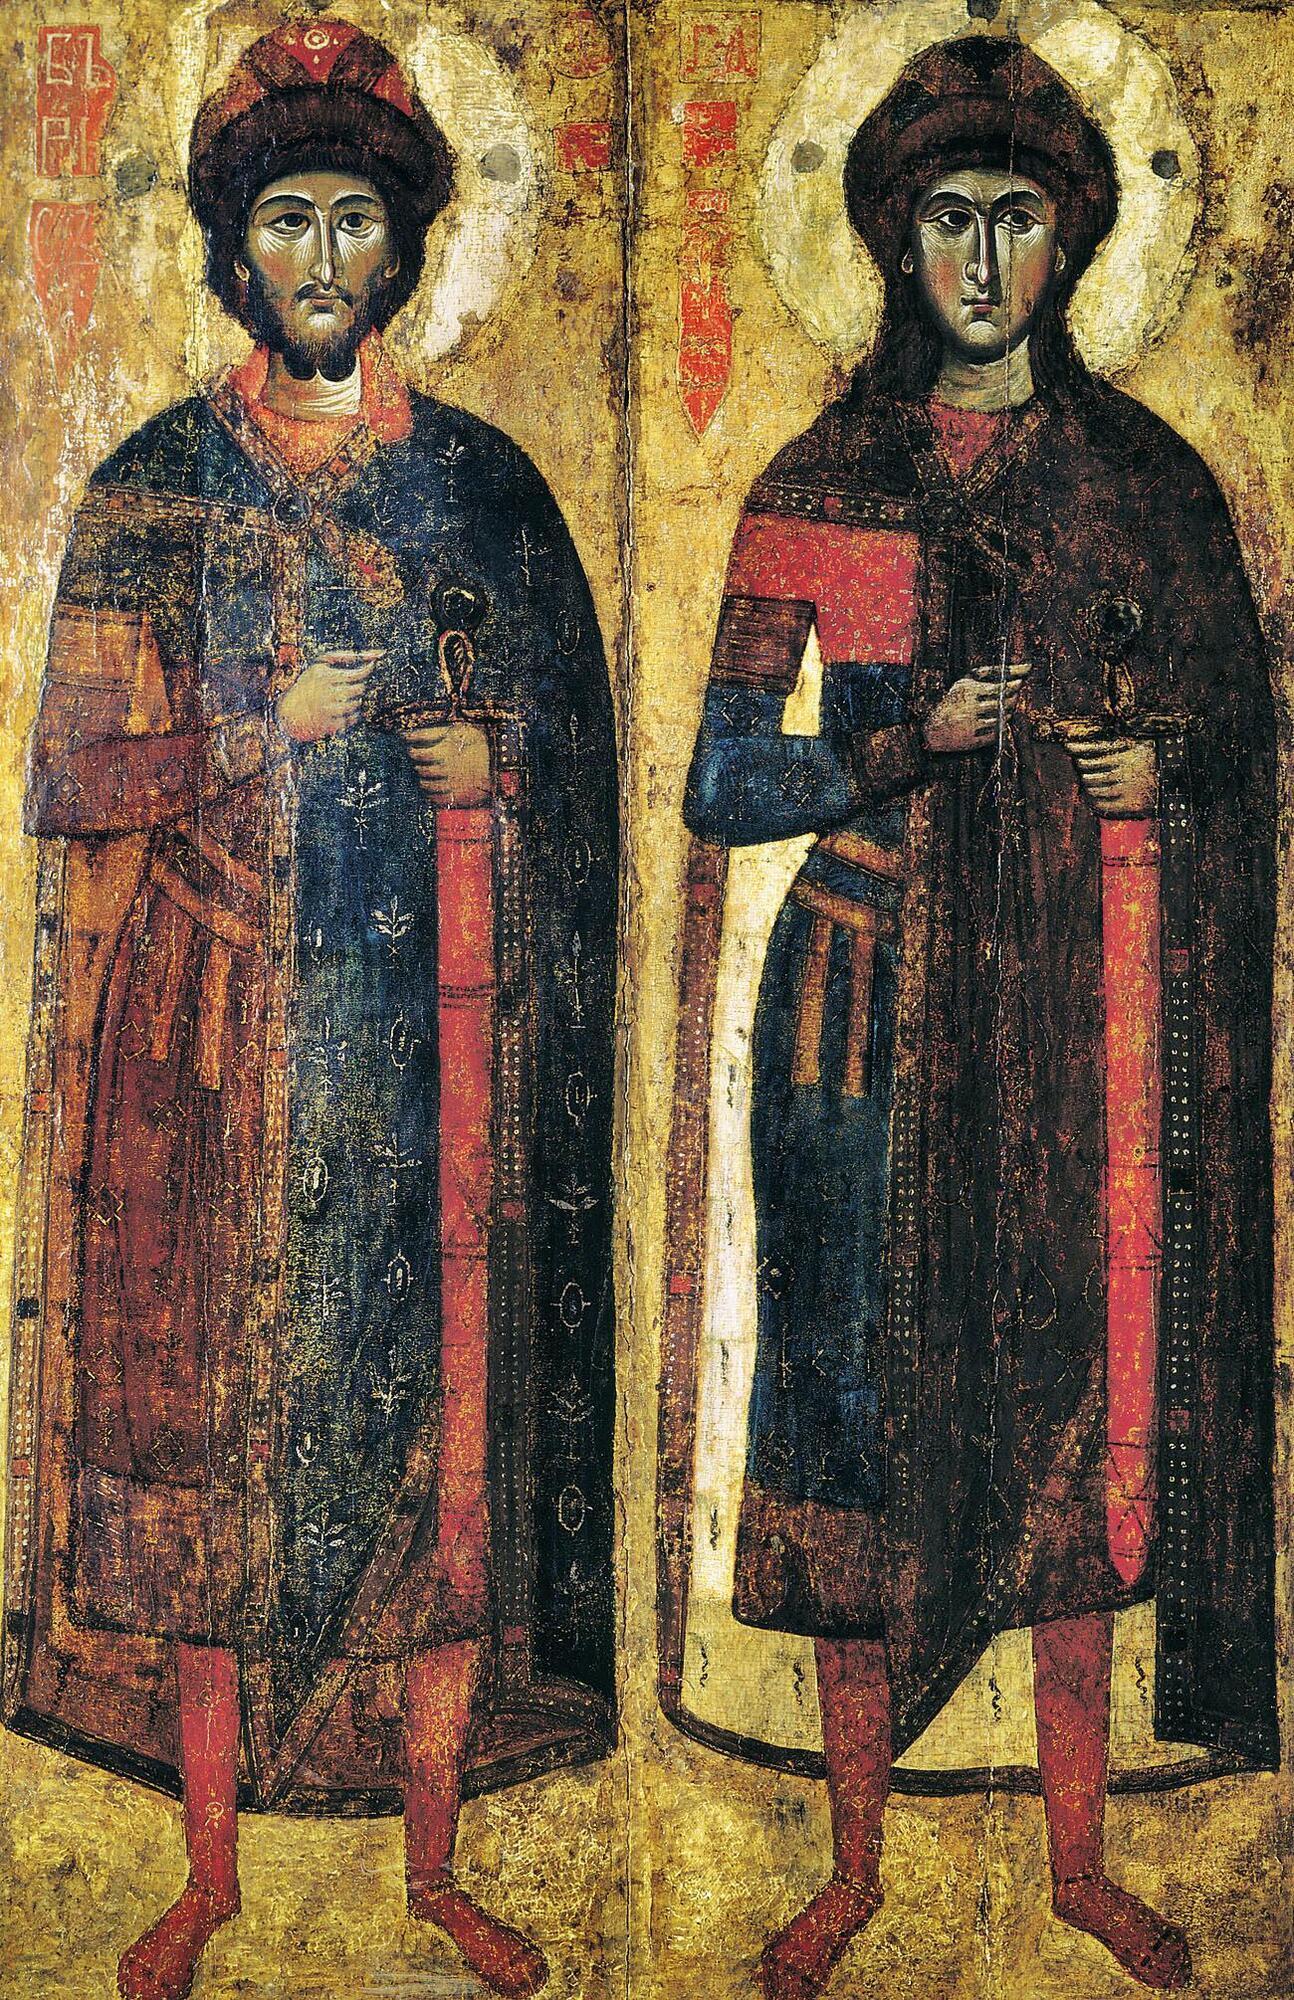 Святі Борис і Гліб були молодшими синами князя Володимира